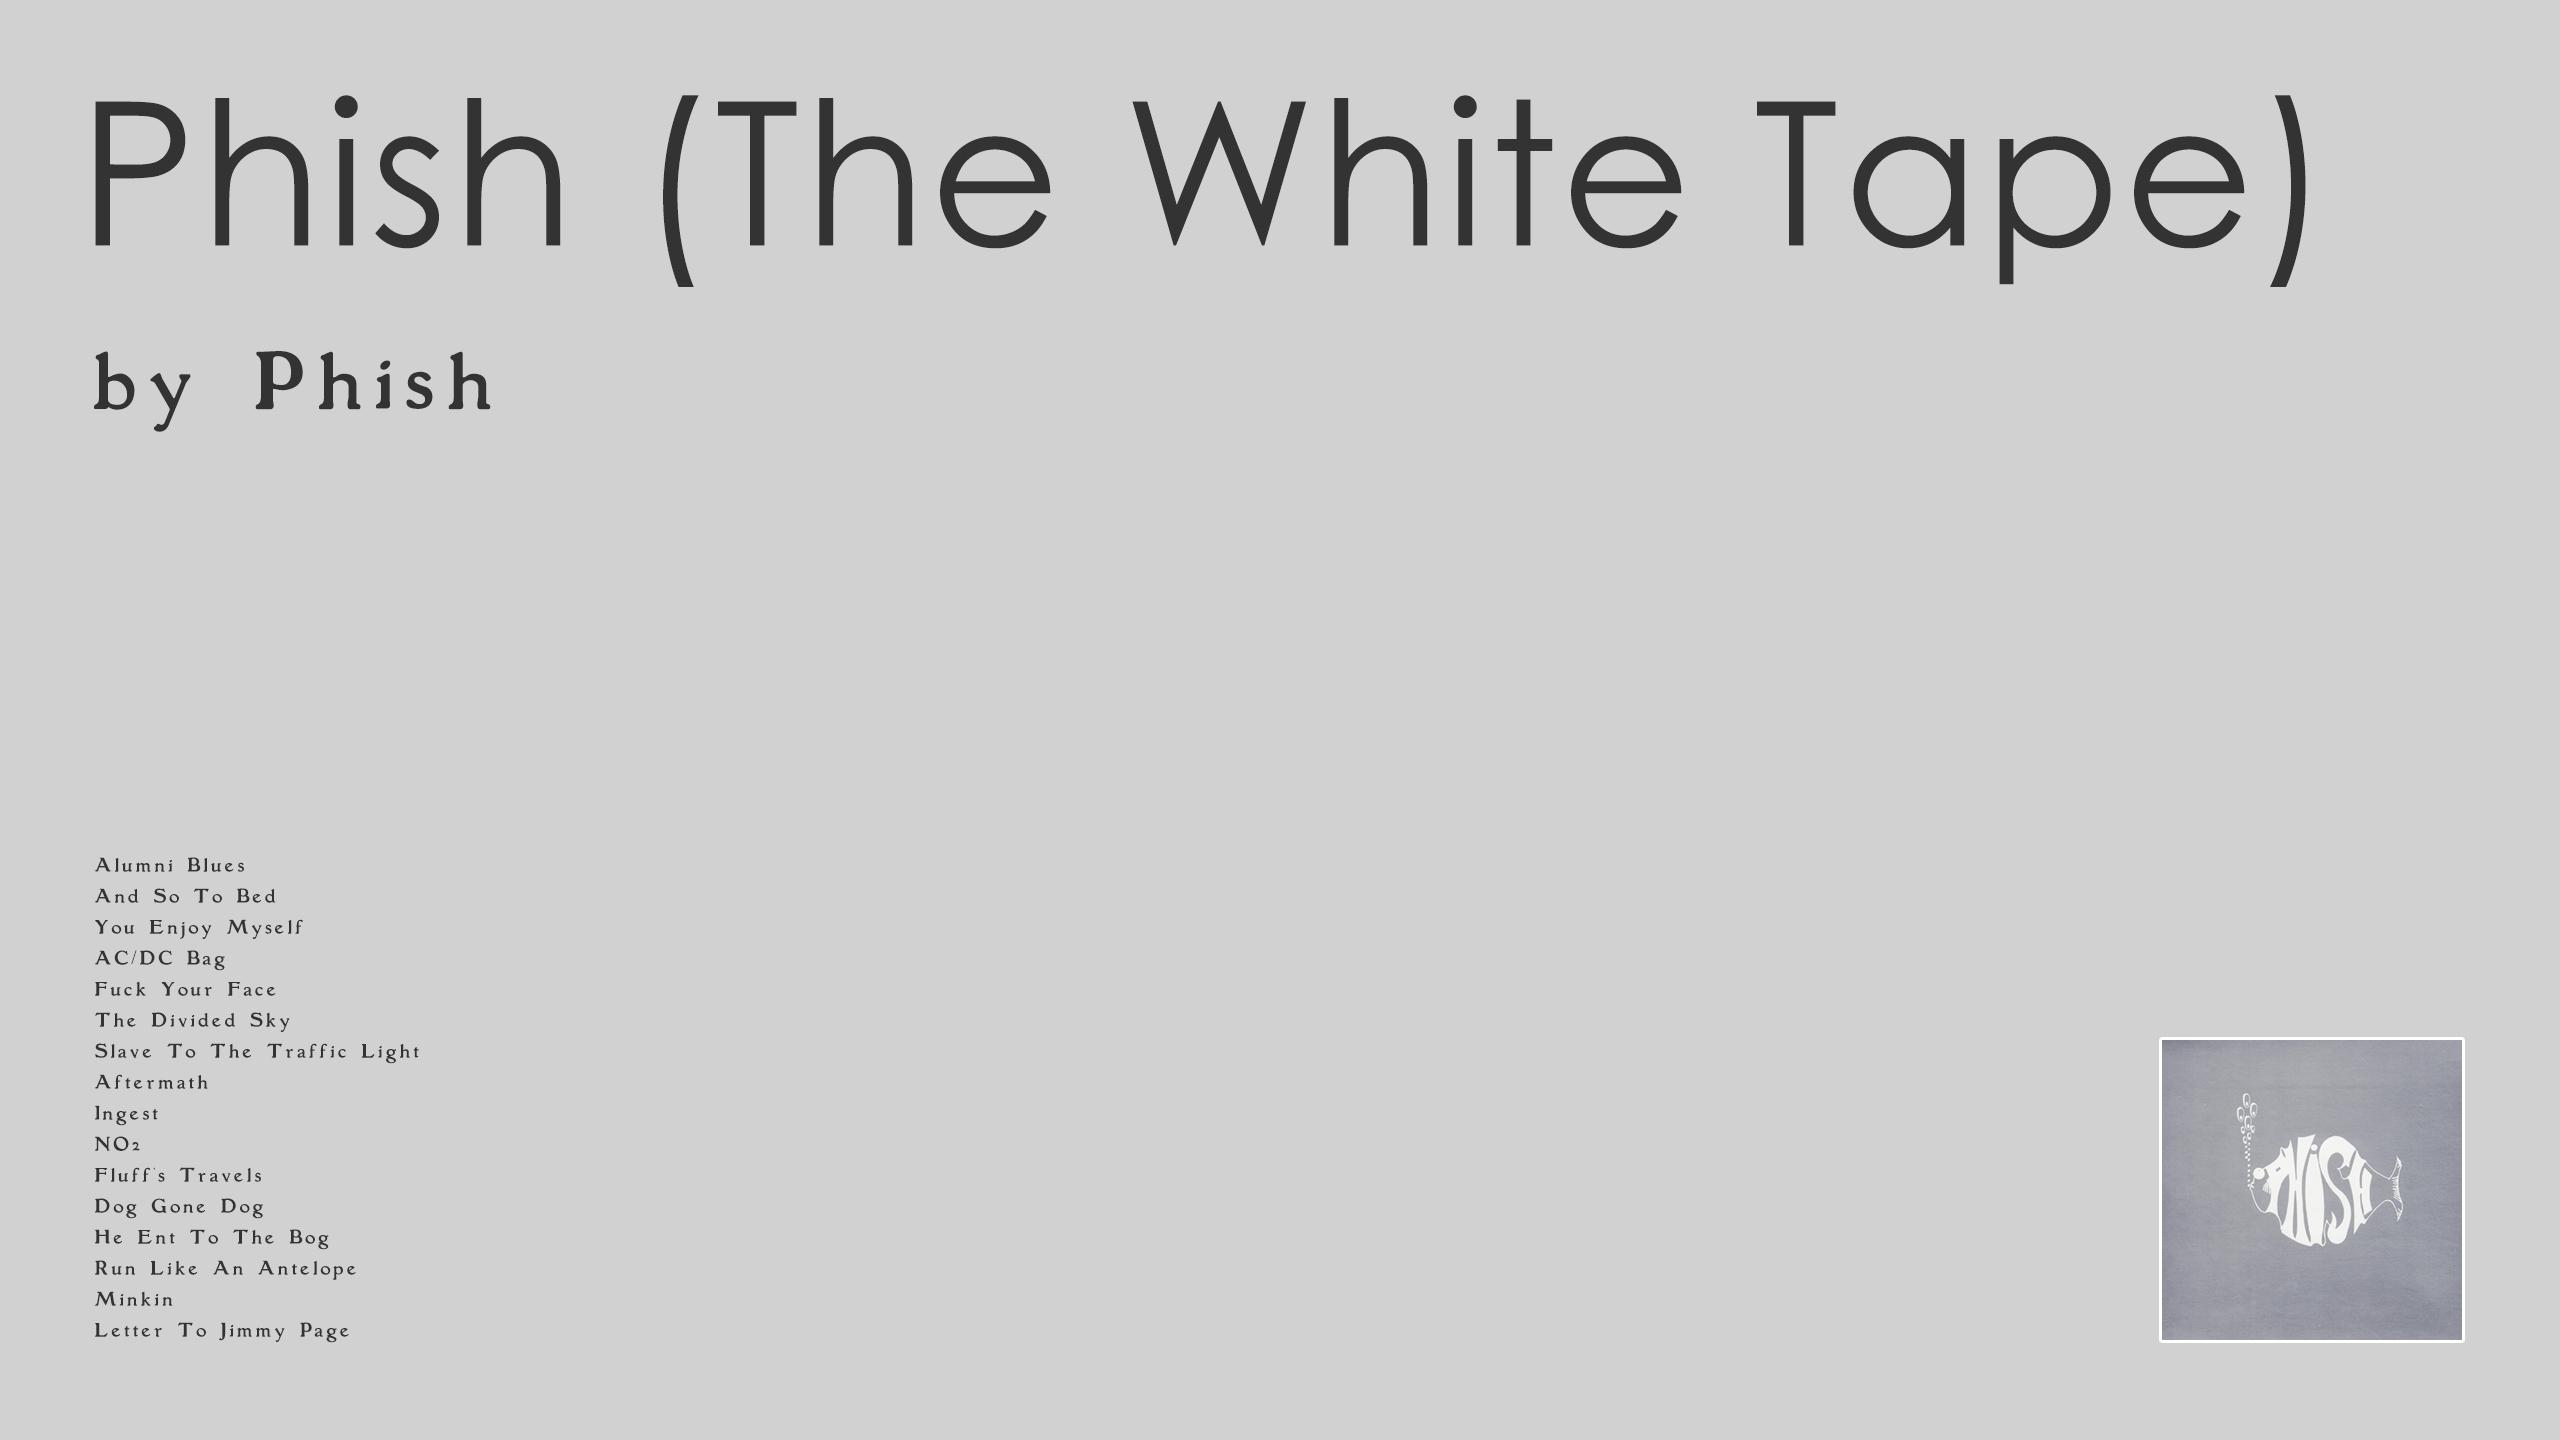 Phish - Phish (The White Tape)